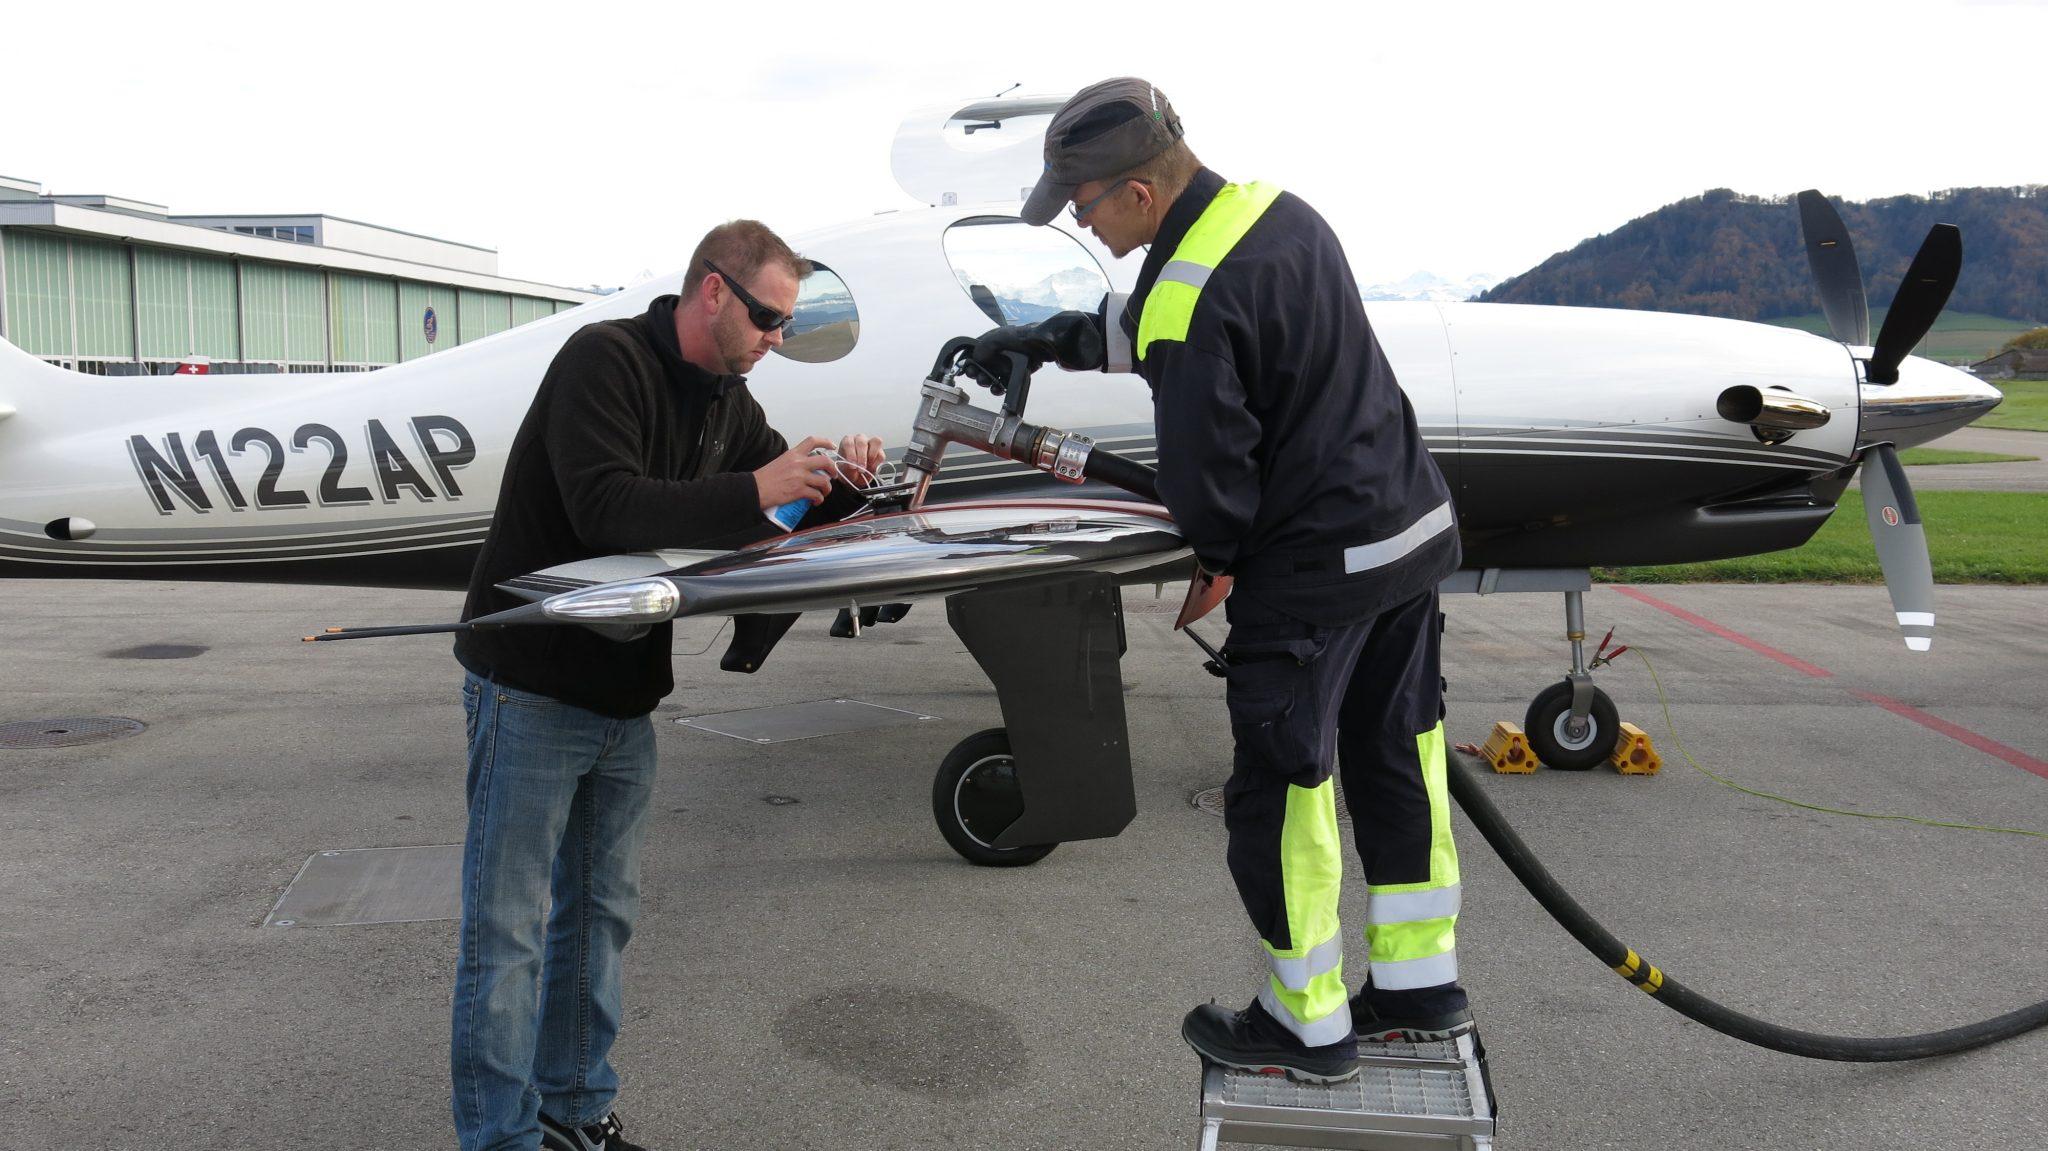 mxvh elite pilot services